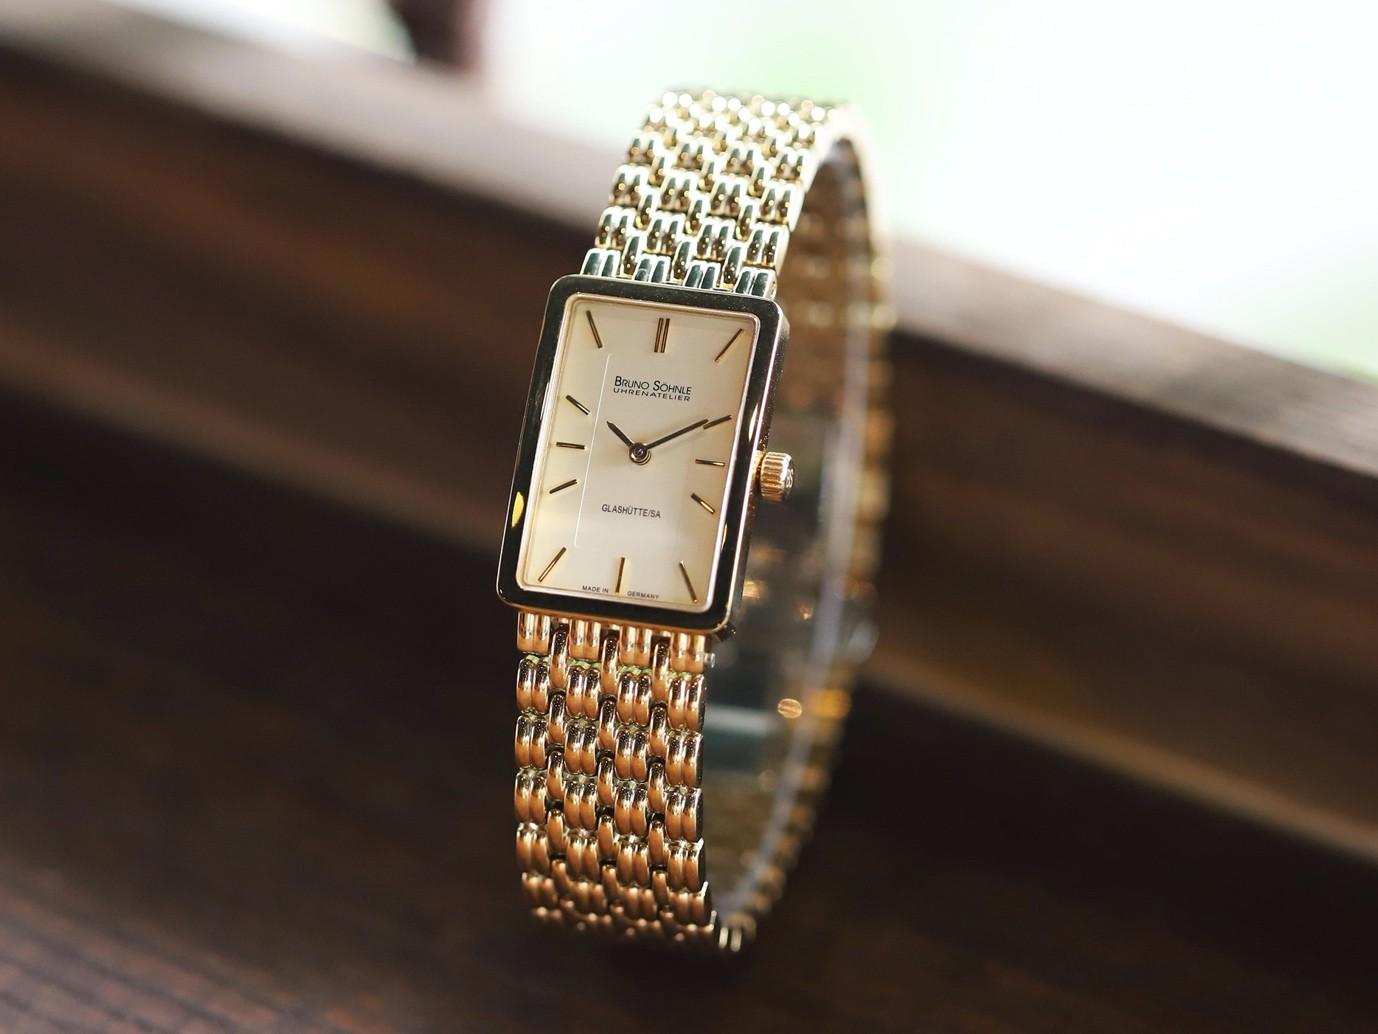 Đăng Quang Watch giảm giá lên đến 30% kèm nhiều ưu đãi hấp dẫn dịp 20/10 - Ảnh 3.